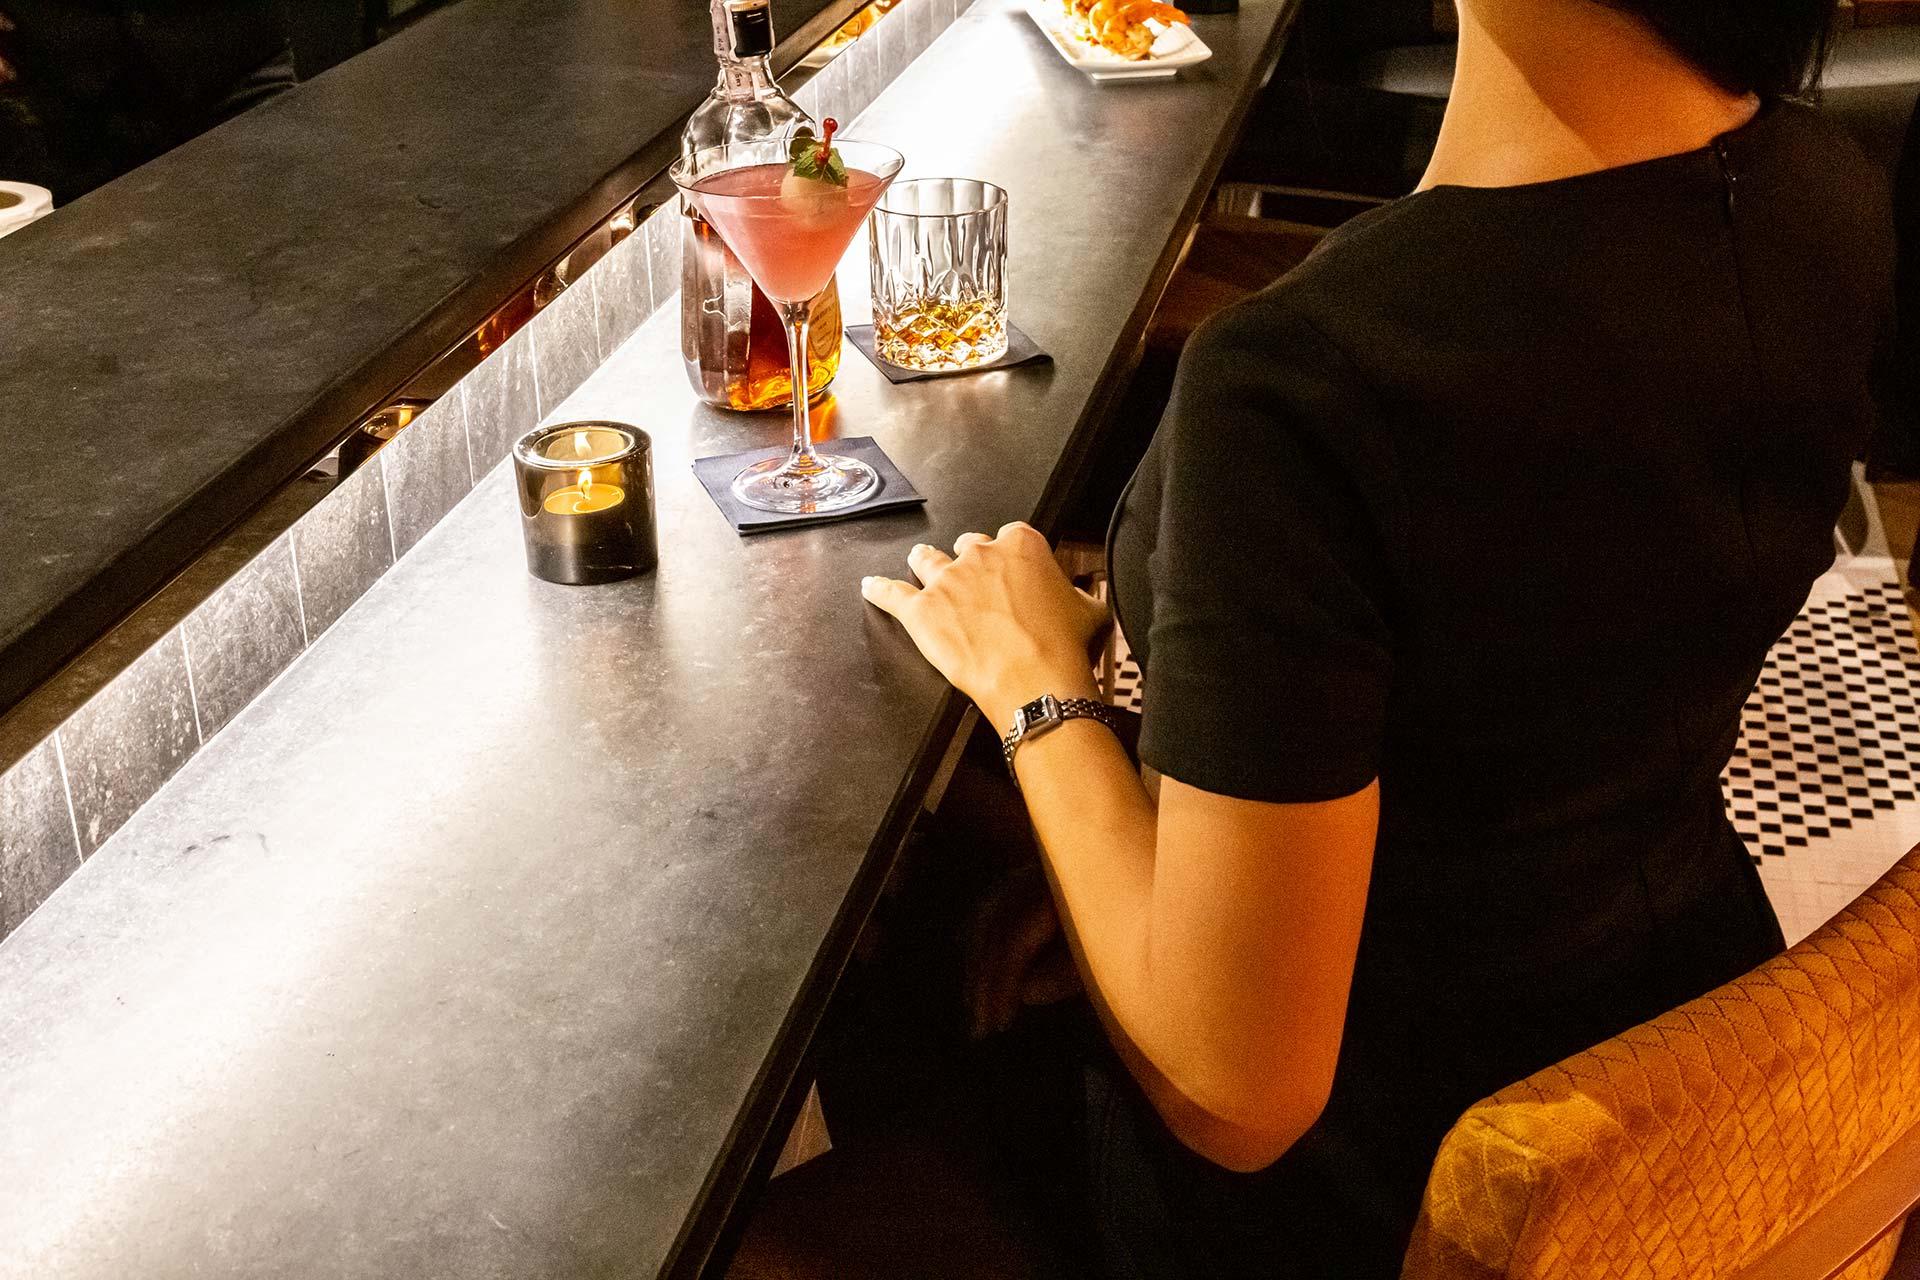 drinks 02 Gauche - Drinks